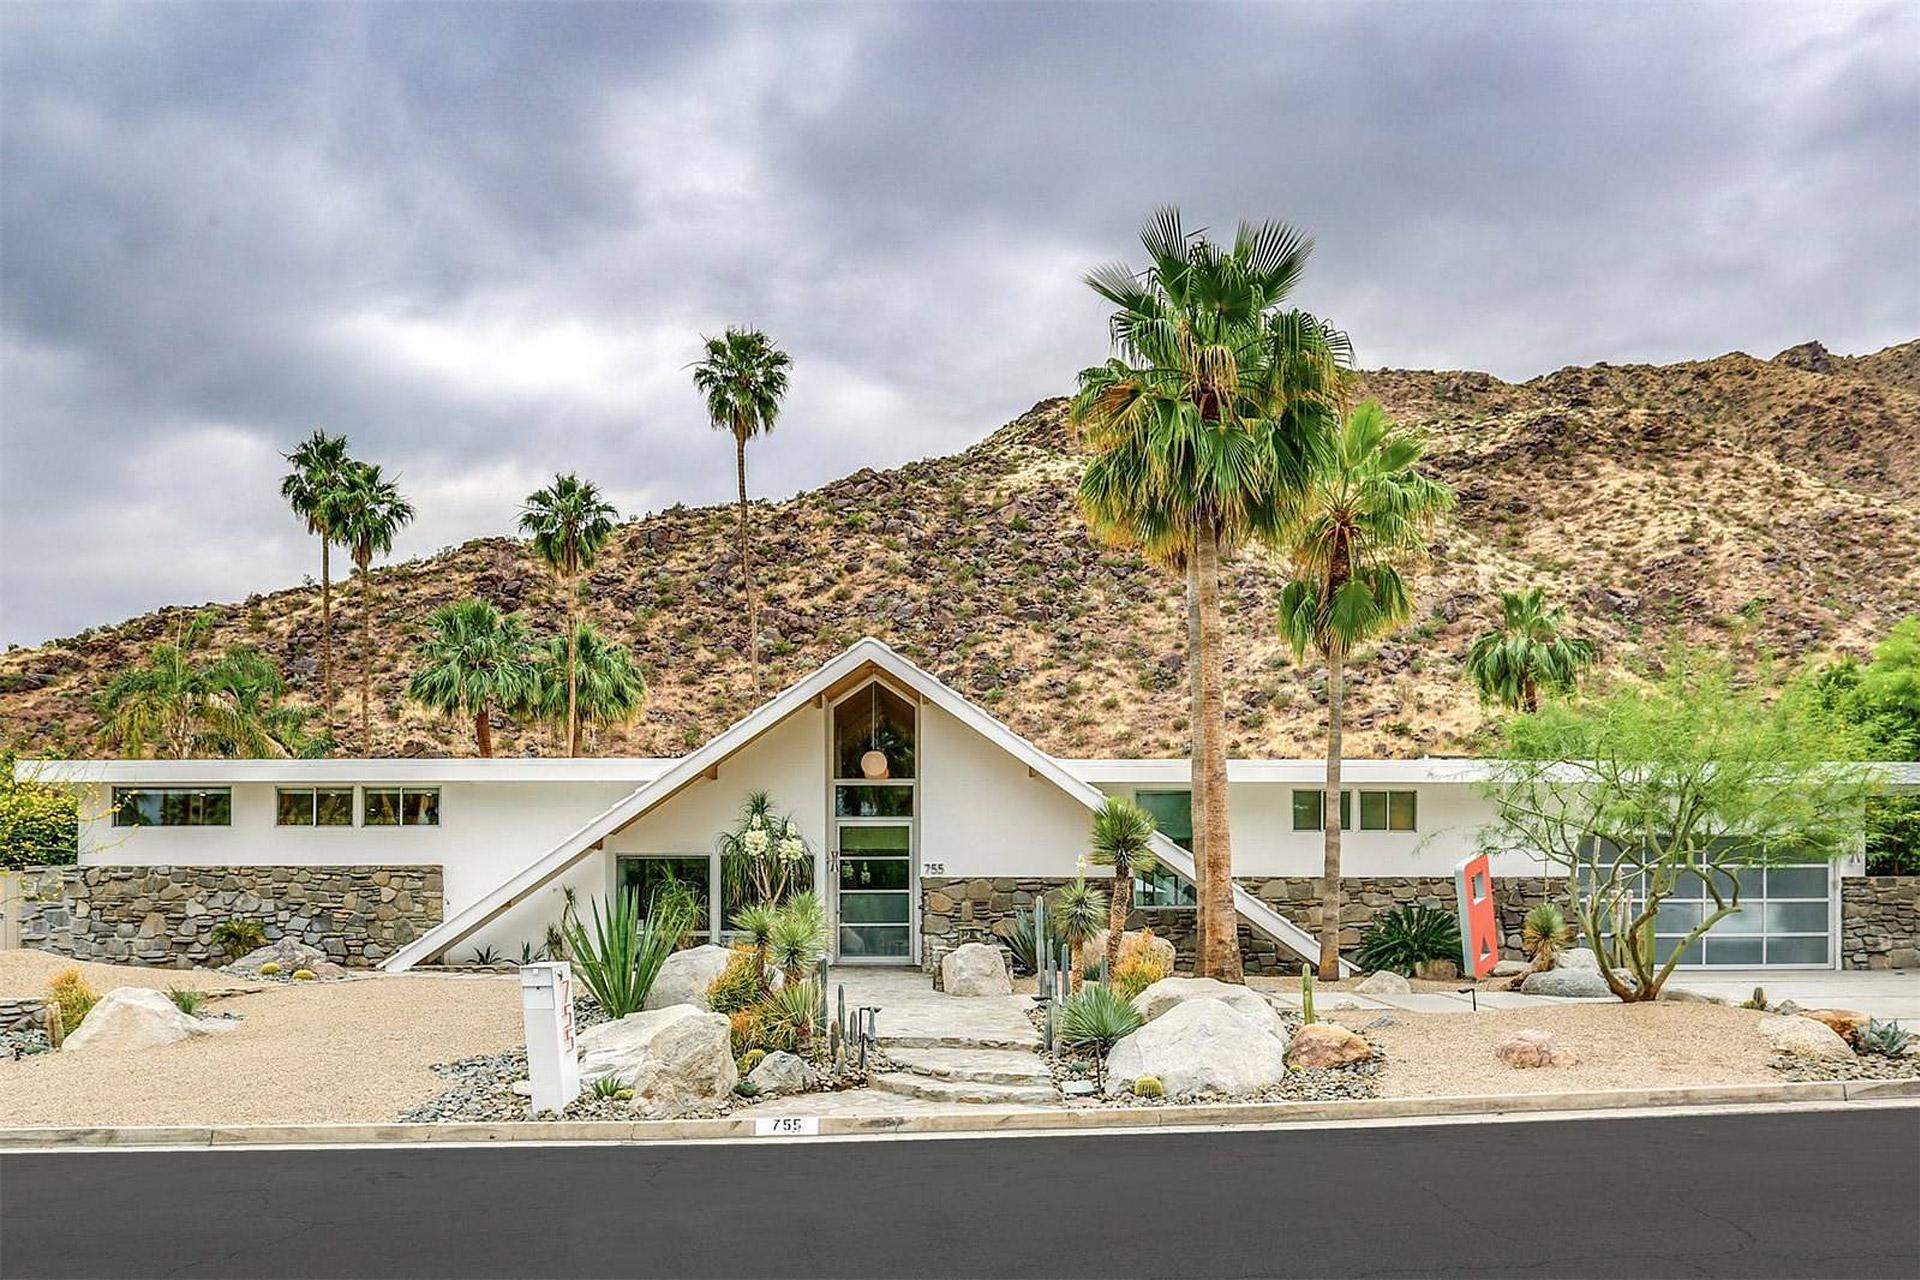 Palm Springs A-Frame House